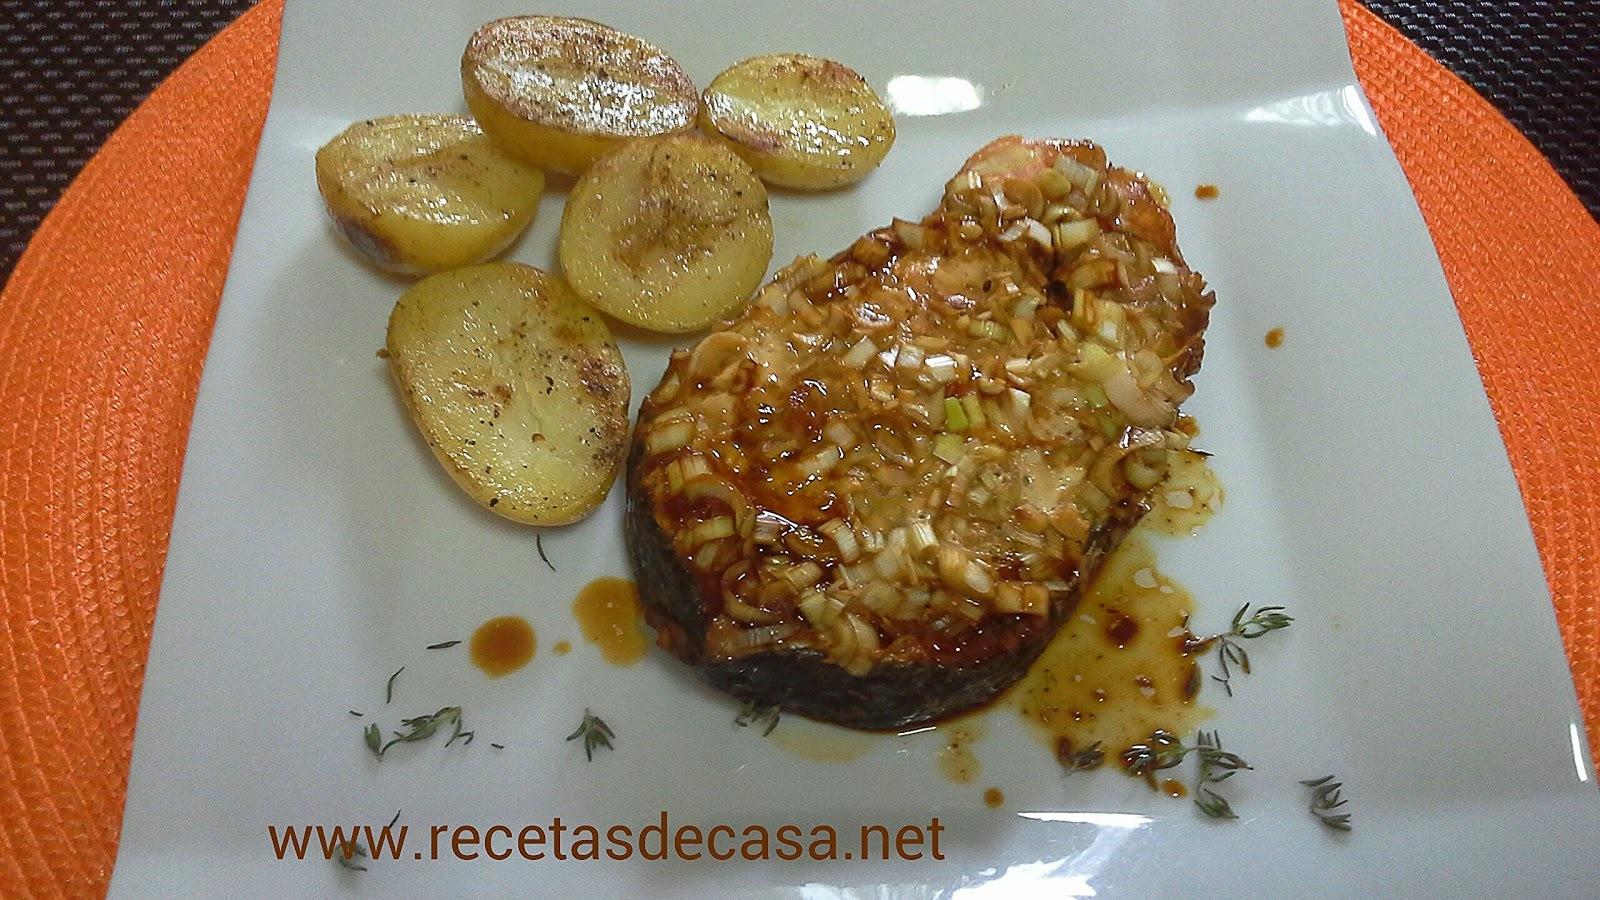 Salmón con soja y cebolleta